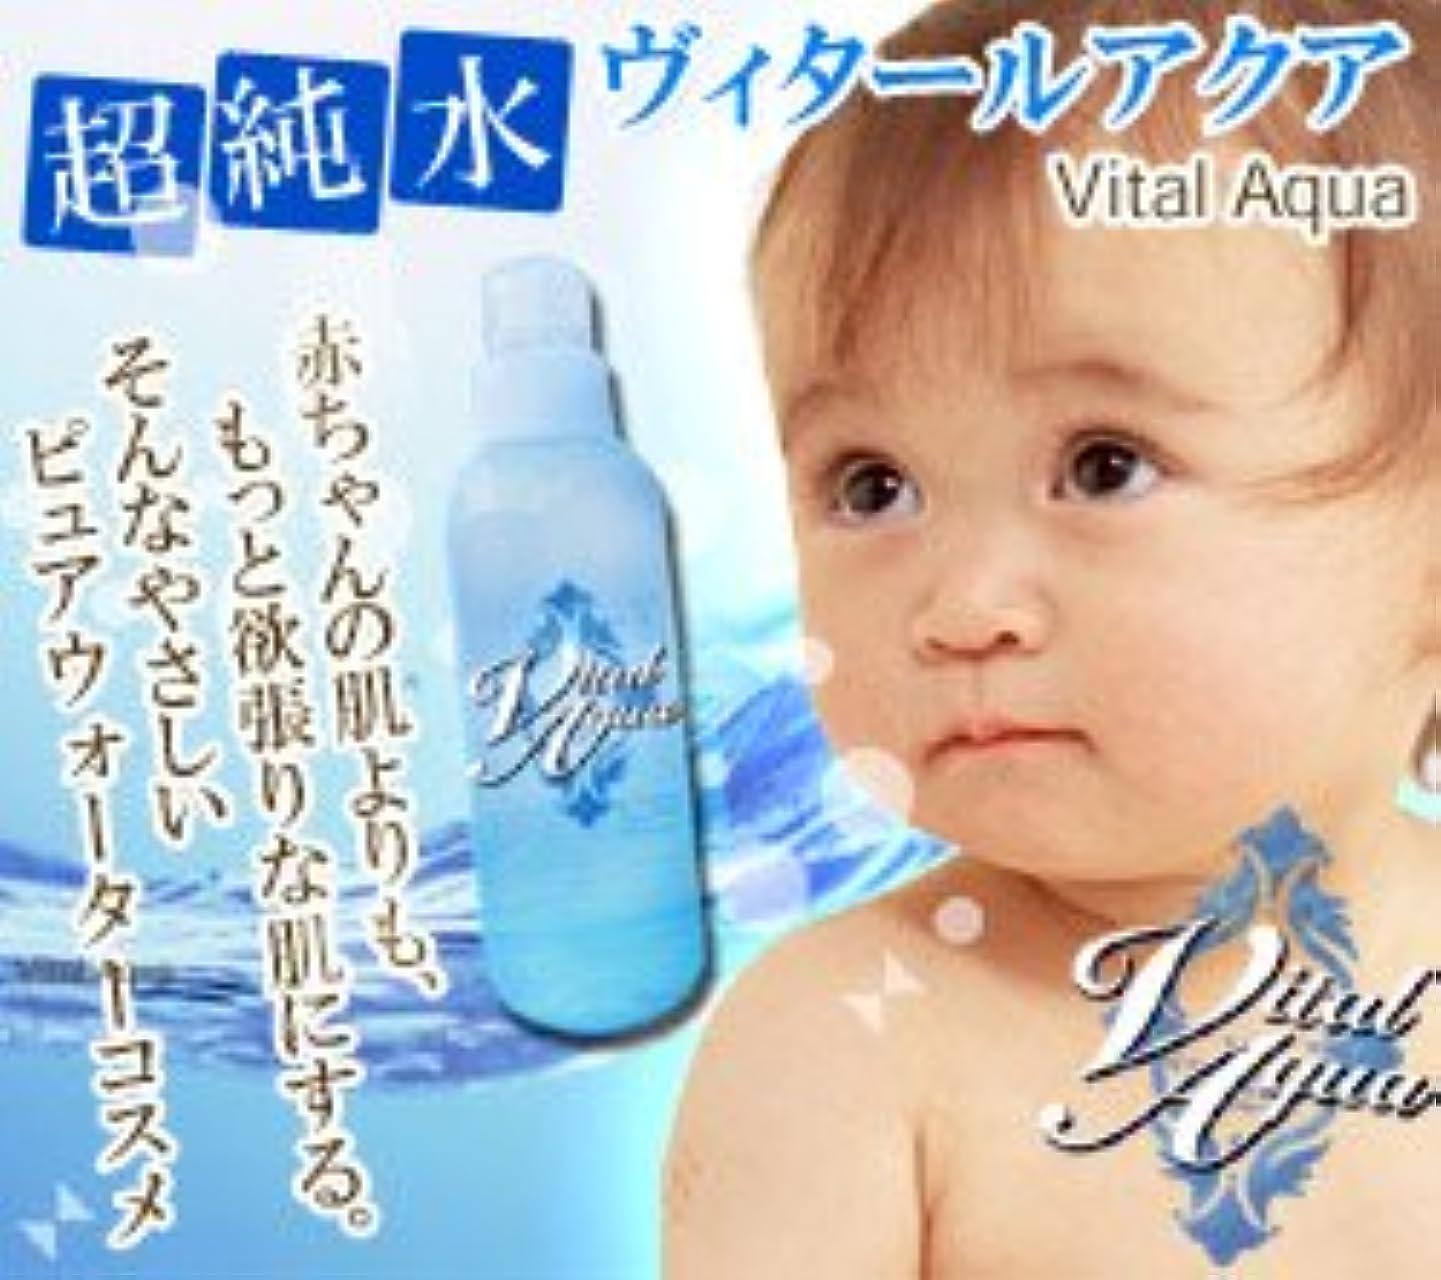 気性かもめ気づく超純水化粧水 ヴィタールアクア200ml